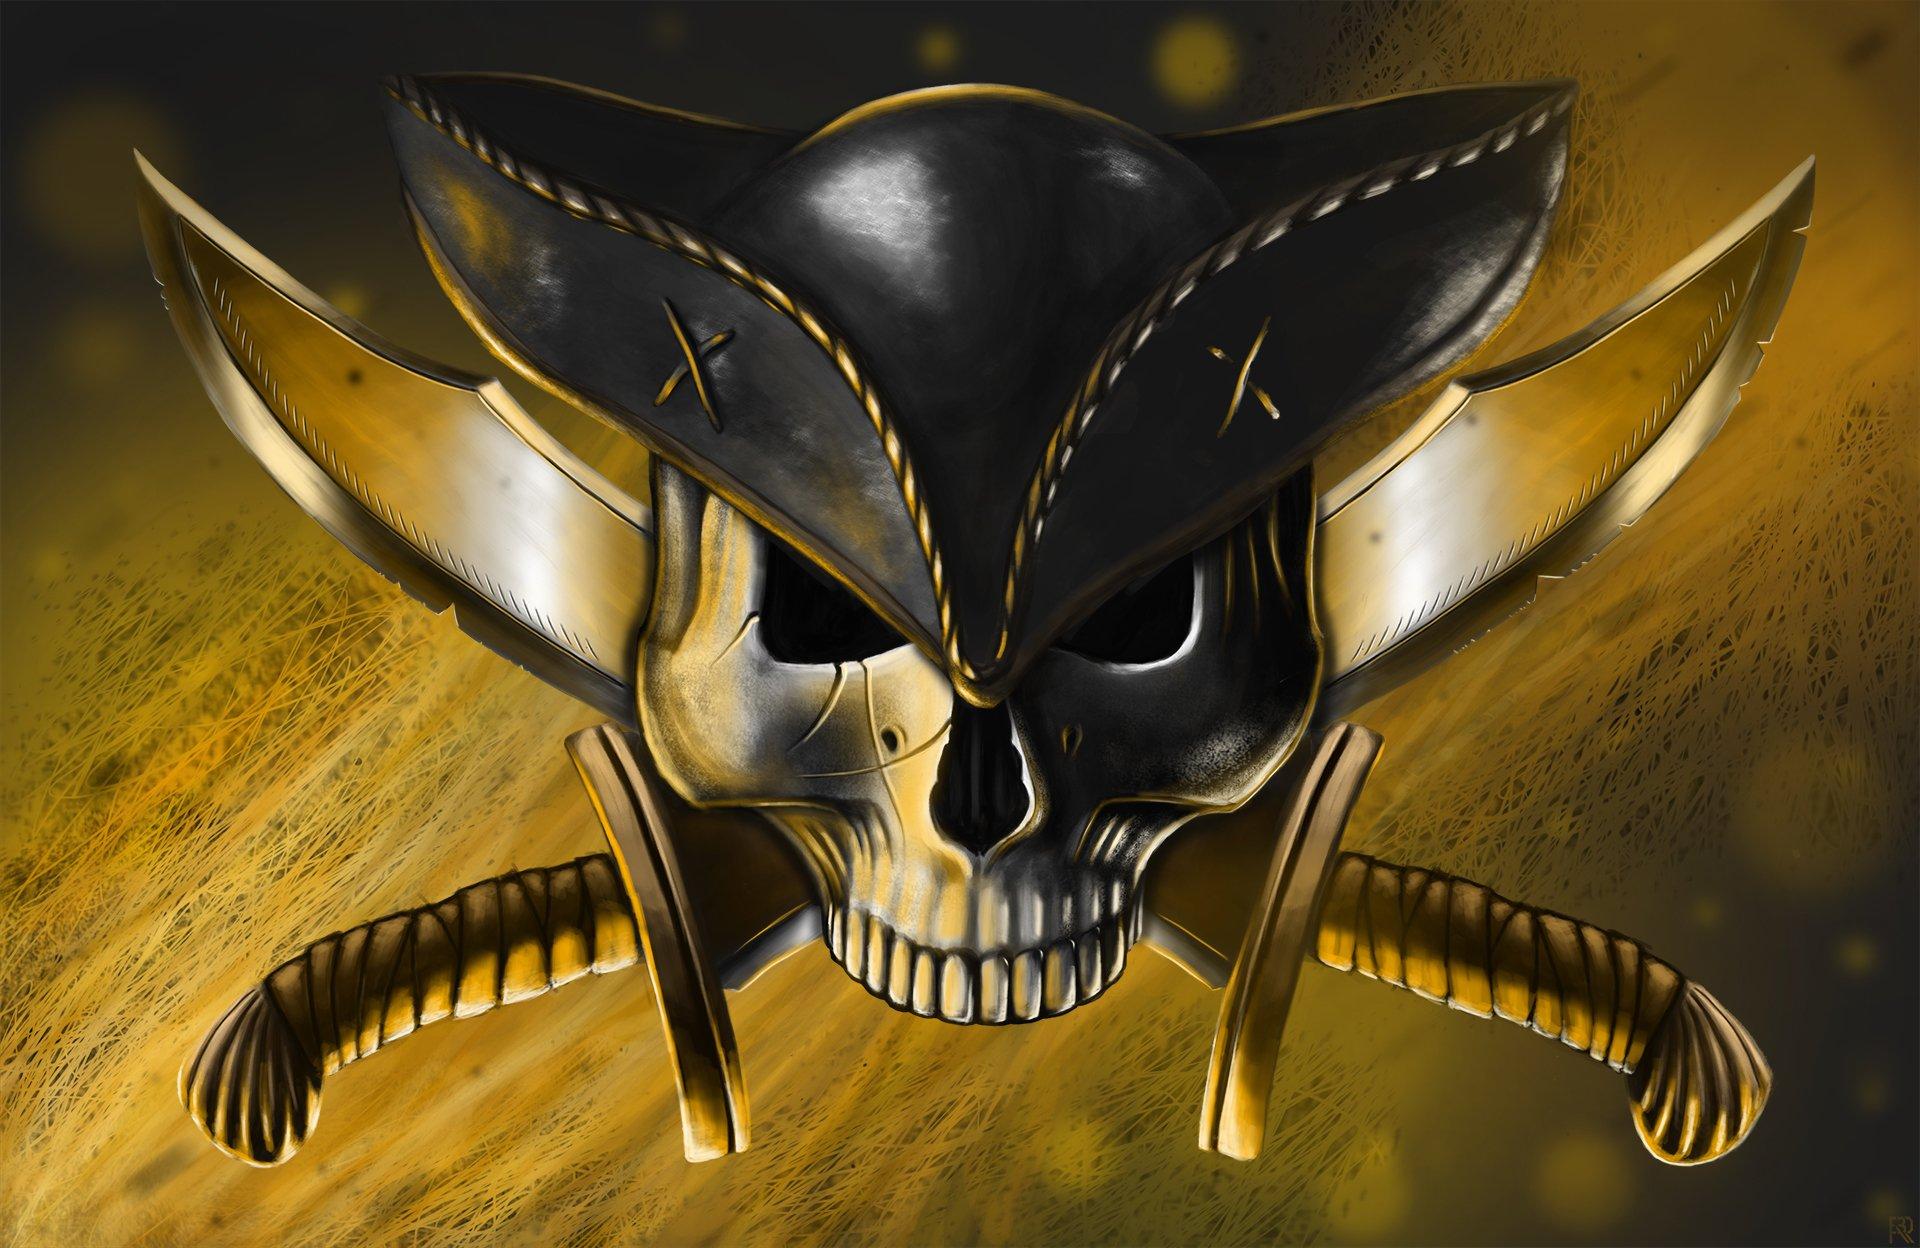 Мысли в Слух #Ex-Pirate - Изображение 1